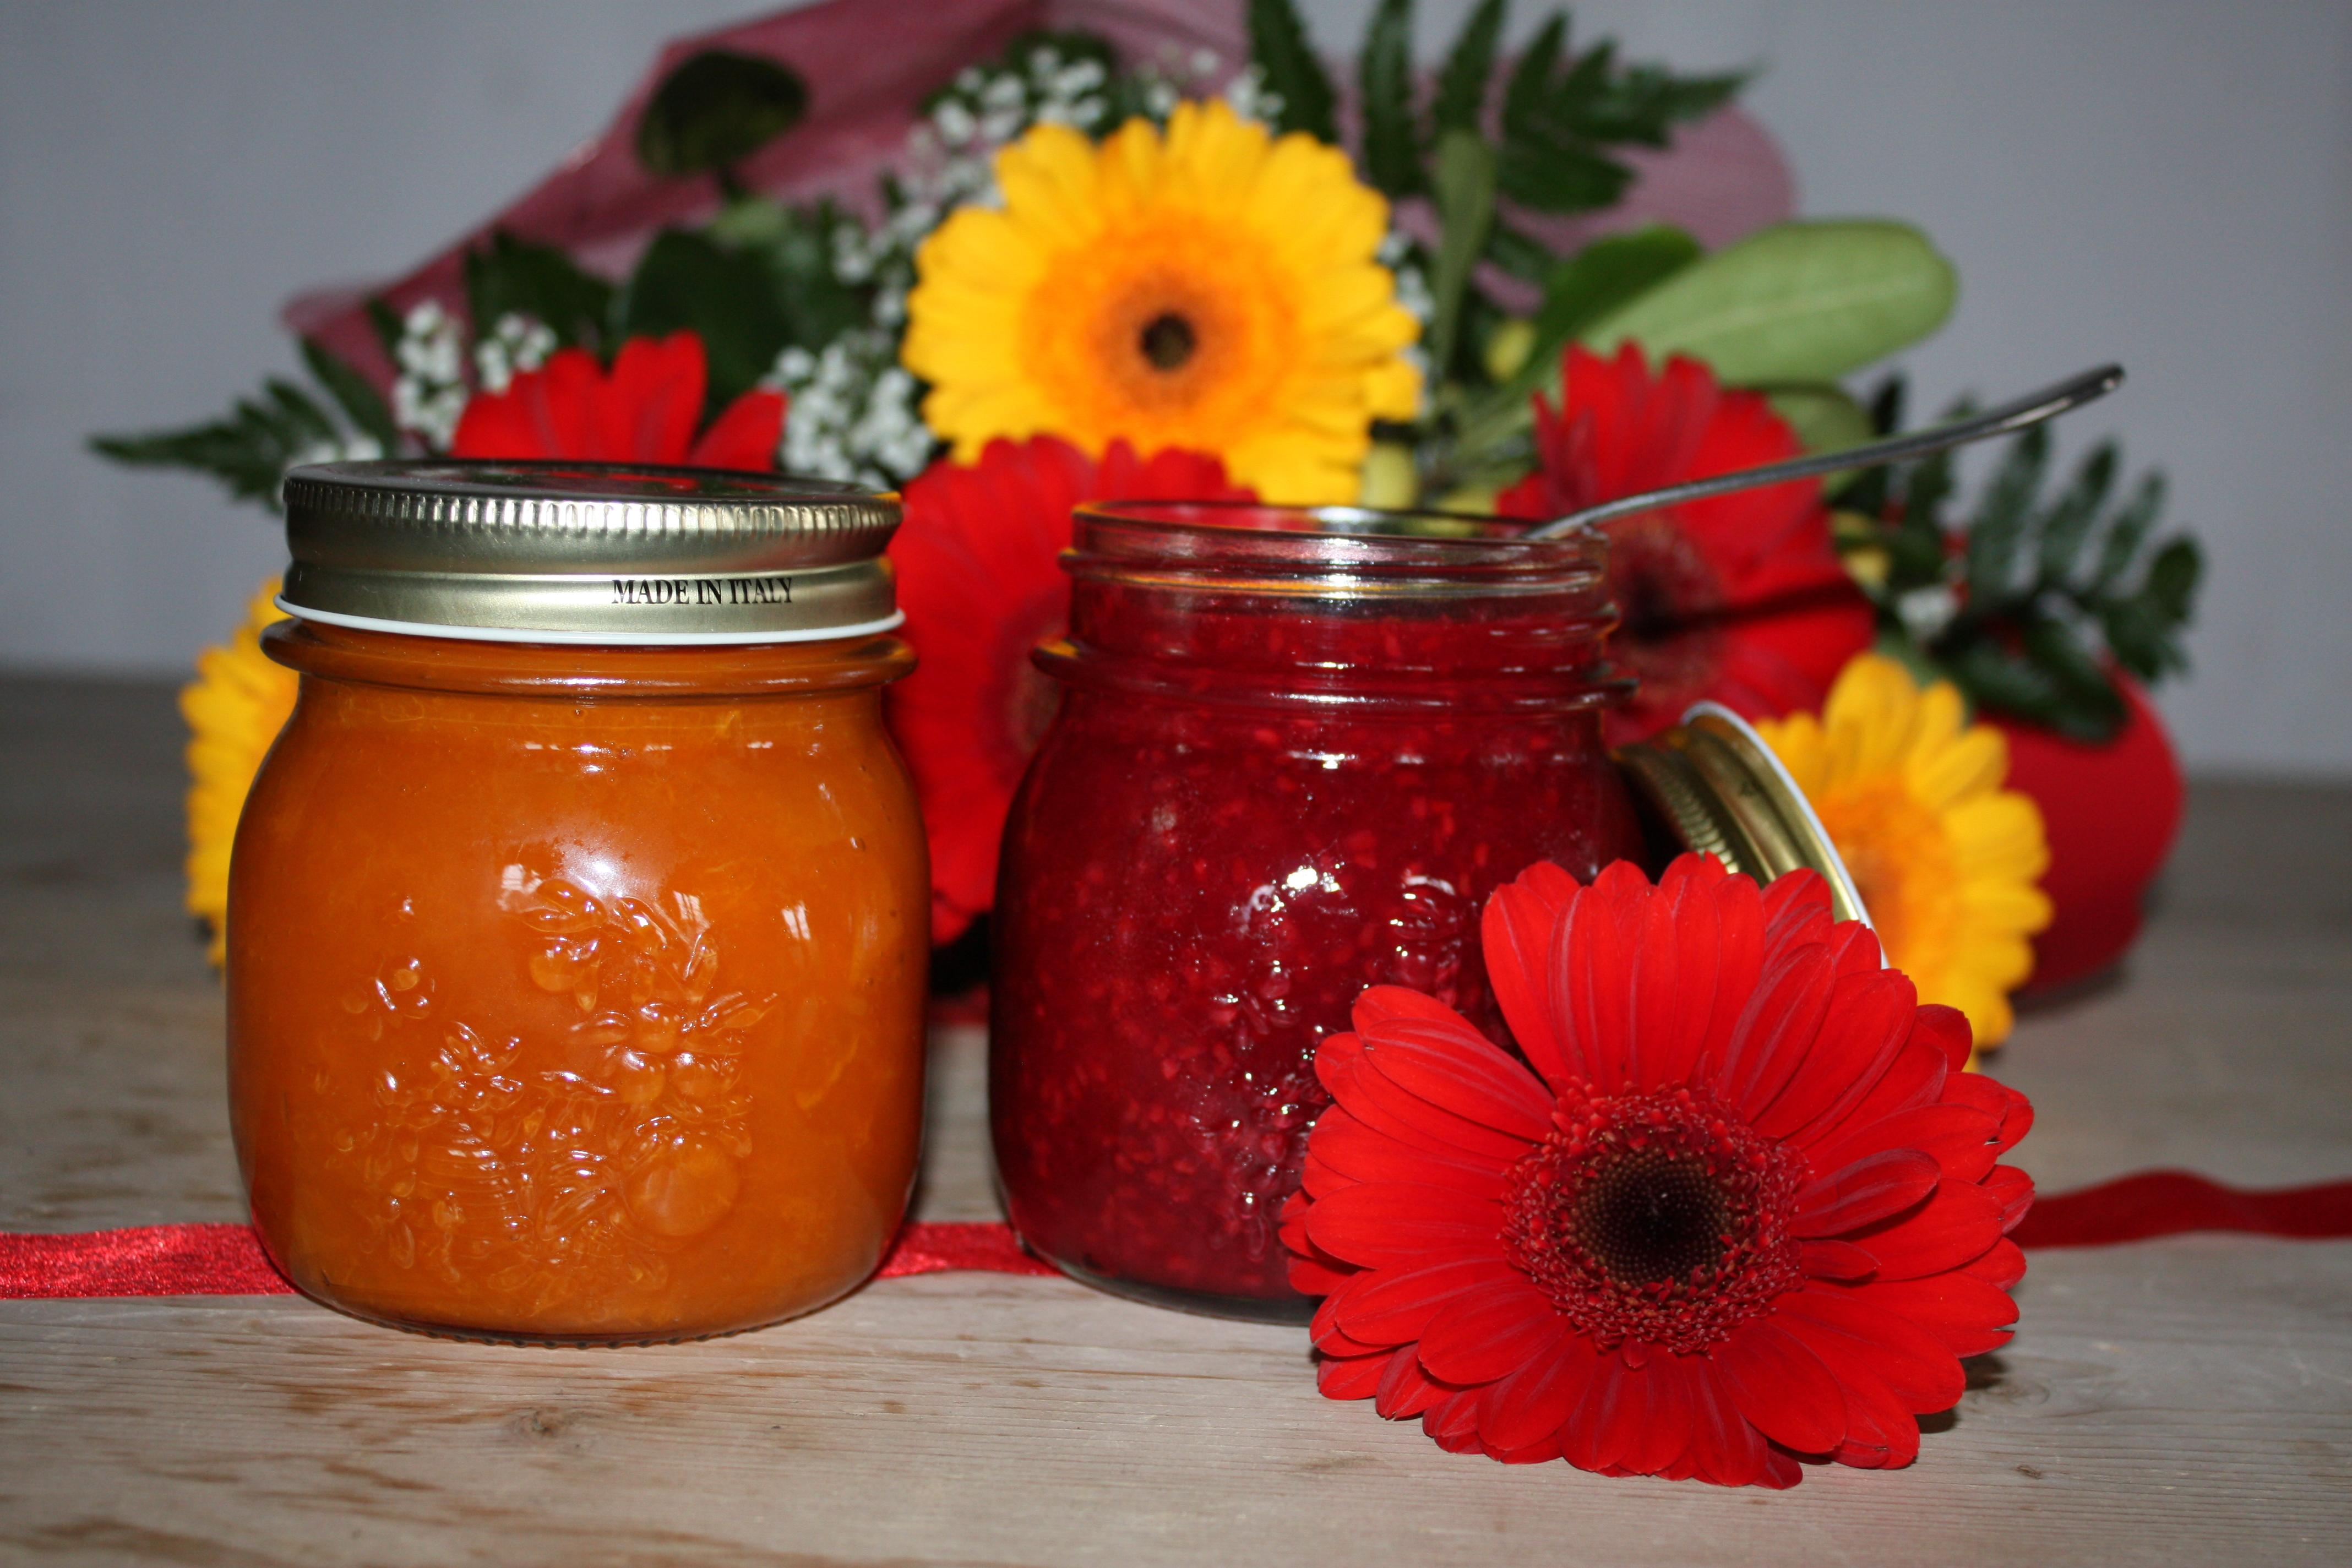 Colazione agriturismo alto adige val sarentino bolzano for Marmellate fatte in casa senza zucchero